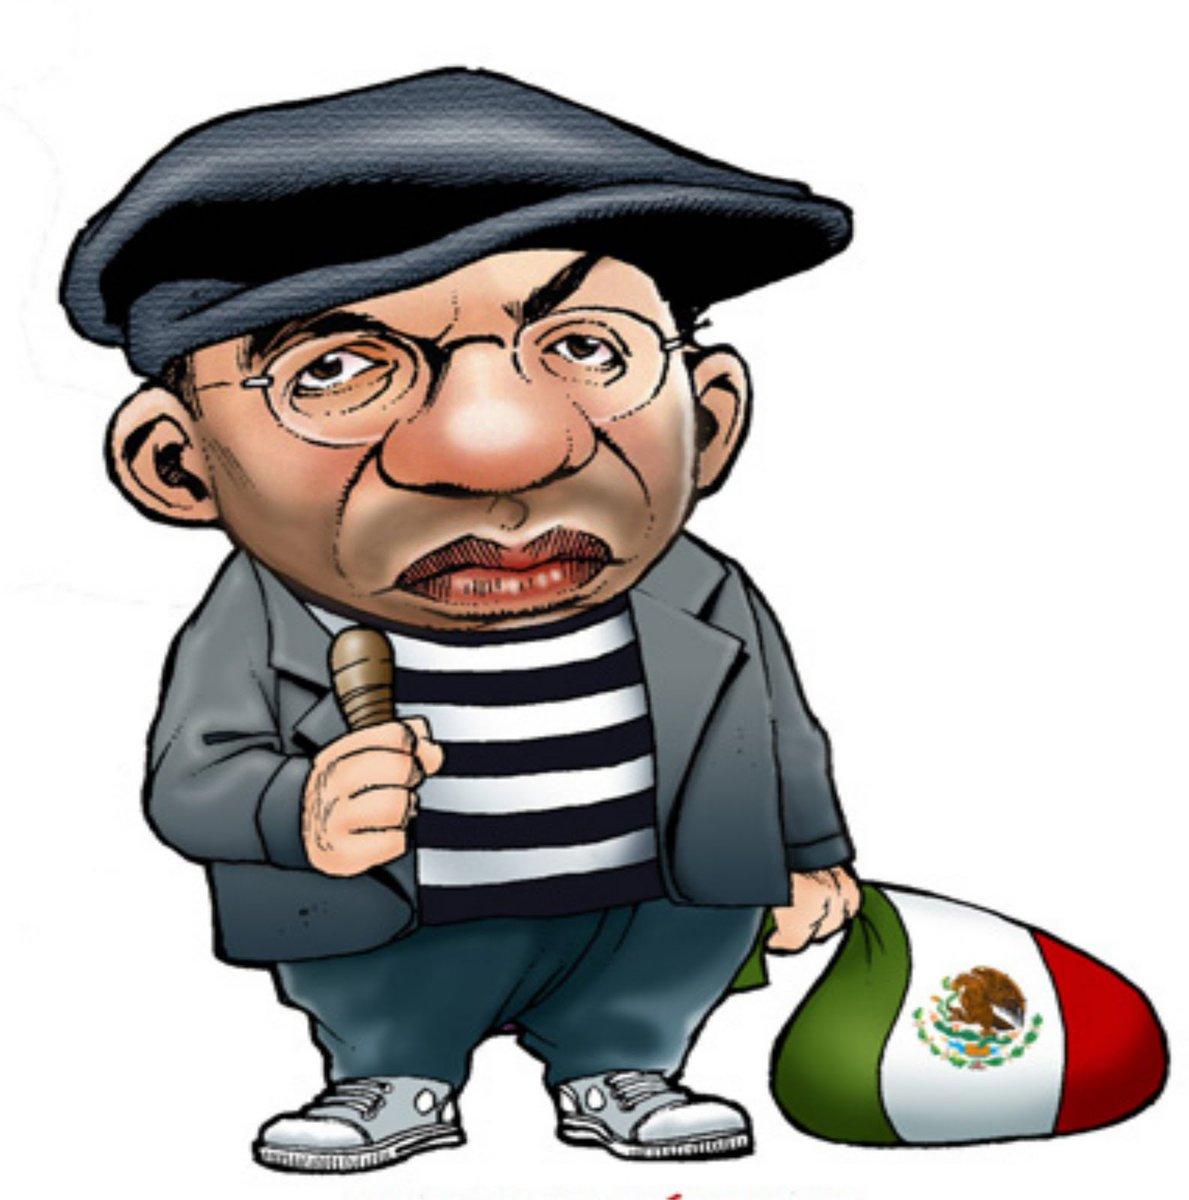 DR. FRANCISCORAMIREZ's photo on #Corrupci贸nCFE